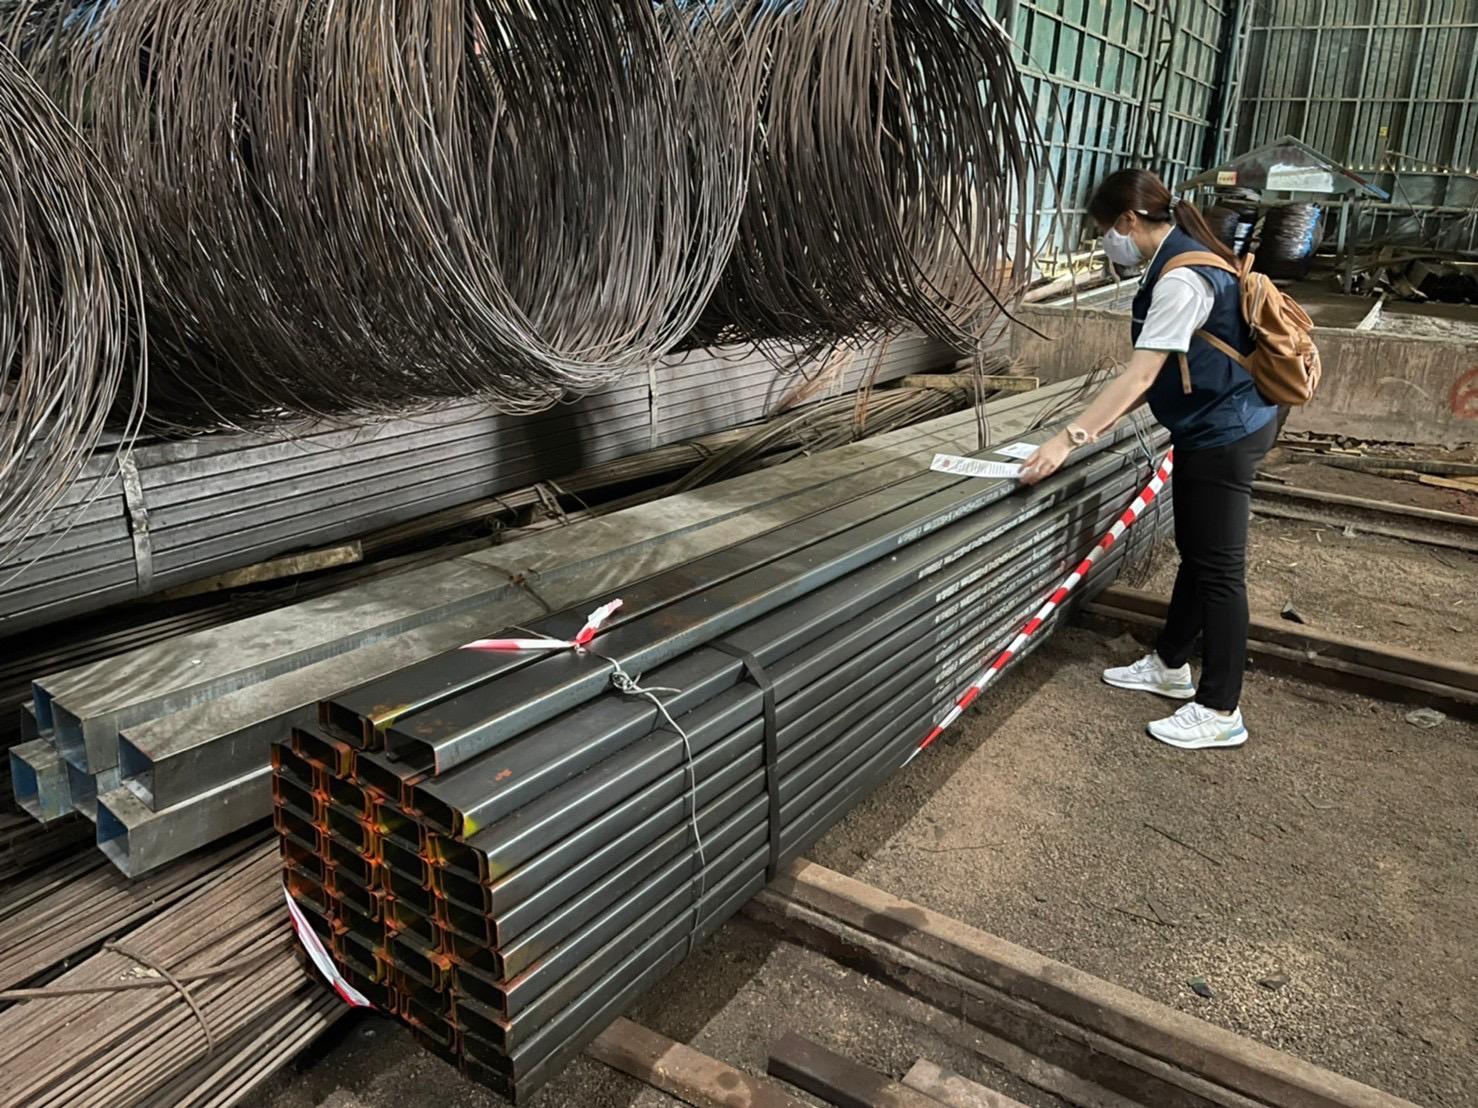 สมอ. บุกทลายโรงงานเหล็กไม่มีใบอนุญาตยึด 480 ตัน มูลค่ากว่า 8.6 ล้าน – เศรษฐกิจ